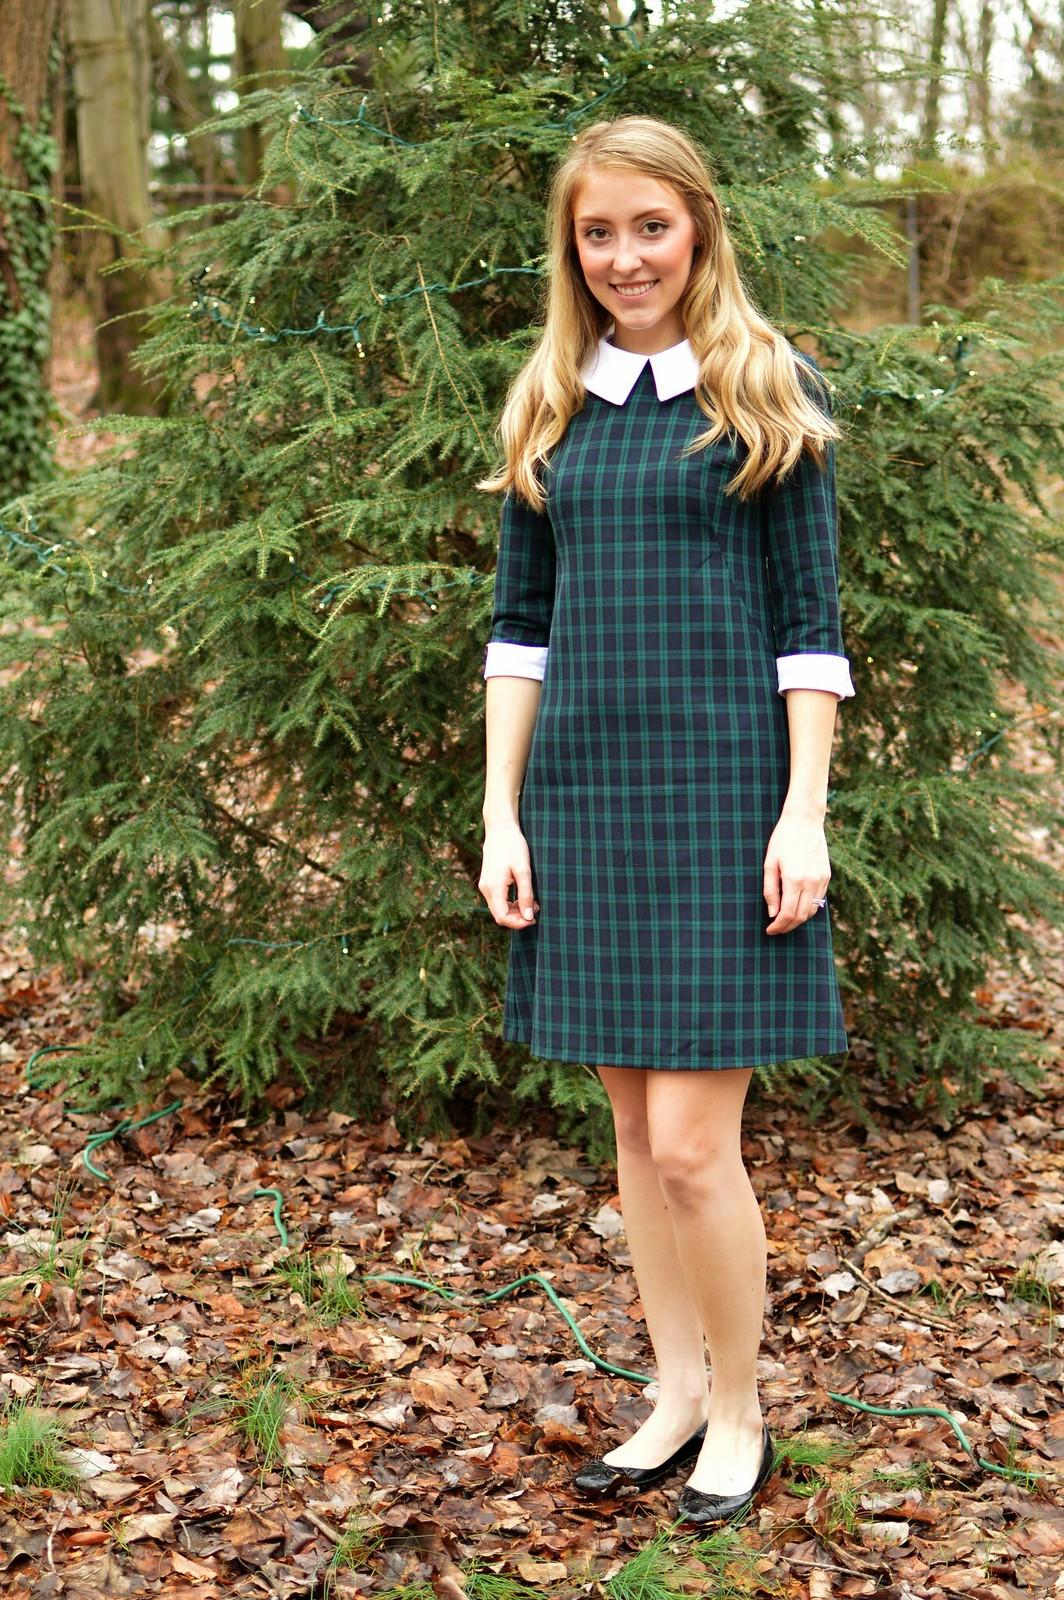 christmas plaid simplicity 7737 | allie J. | alliemjackson.com